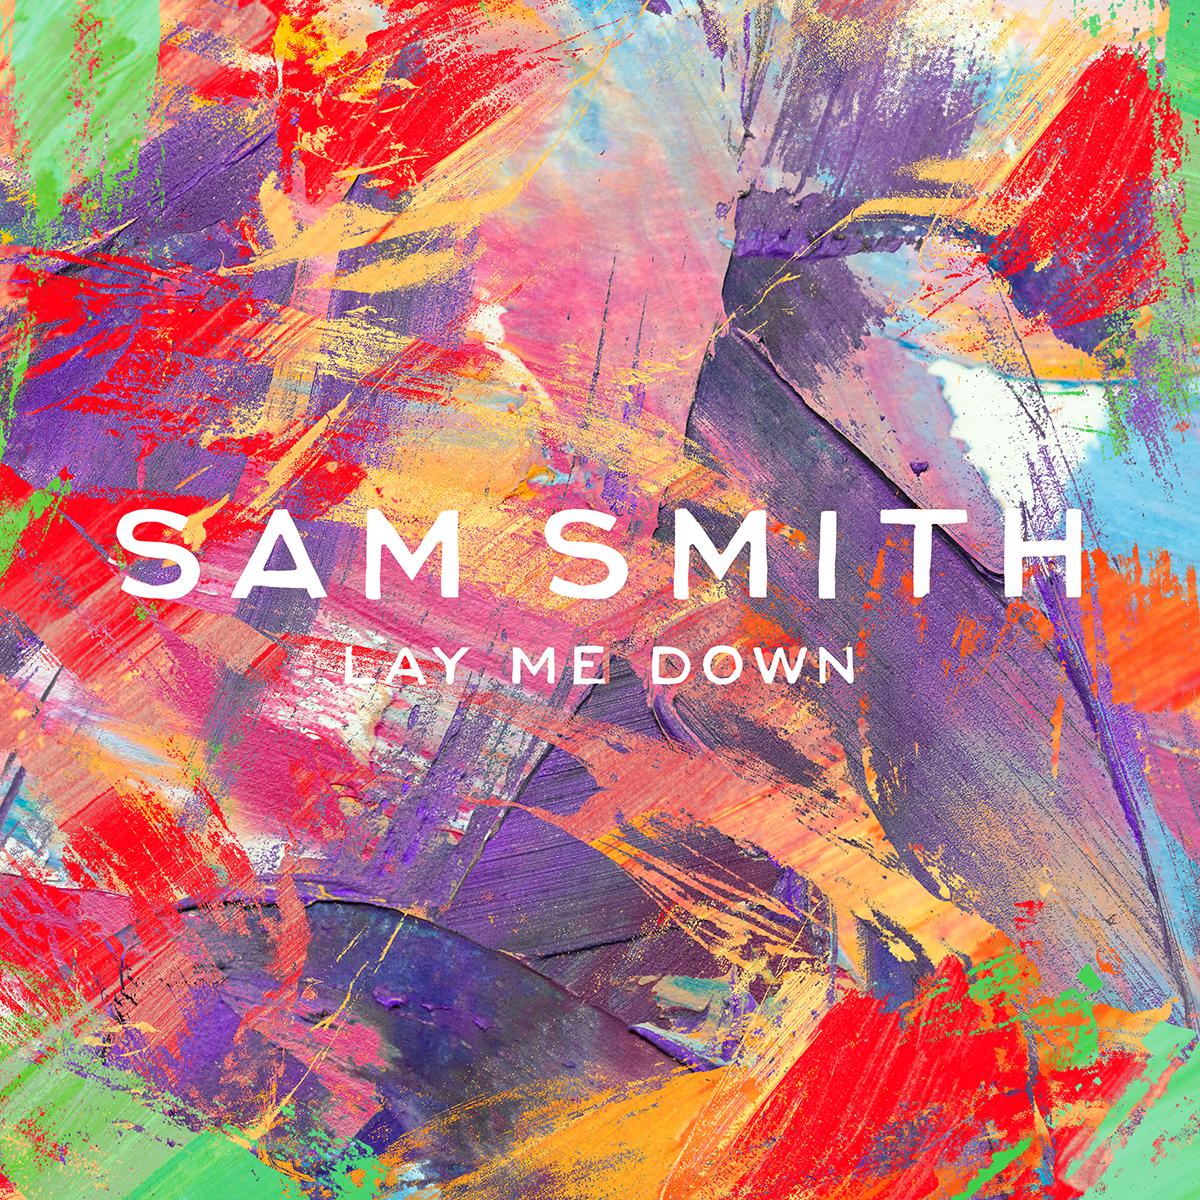 Sam Smith Lay Me Down Zippyshare Com